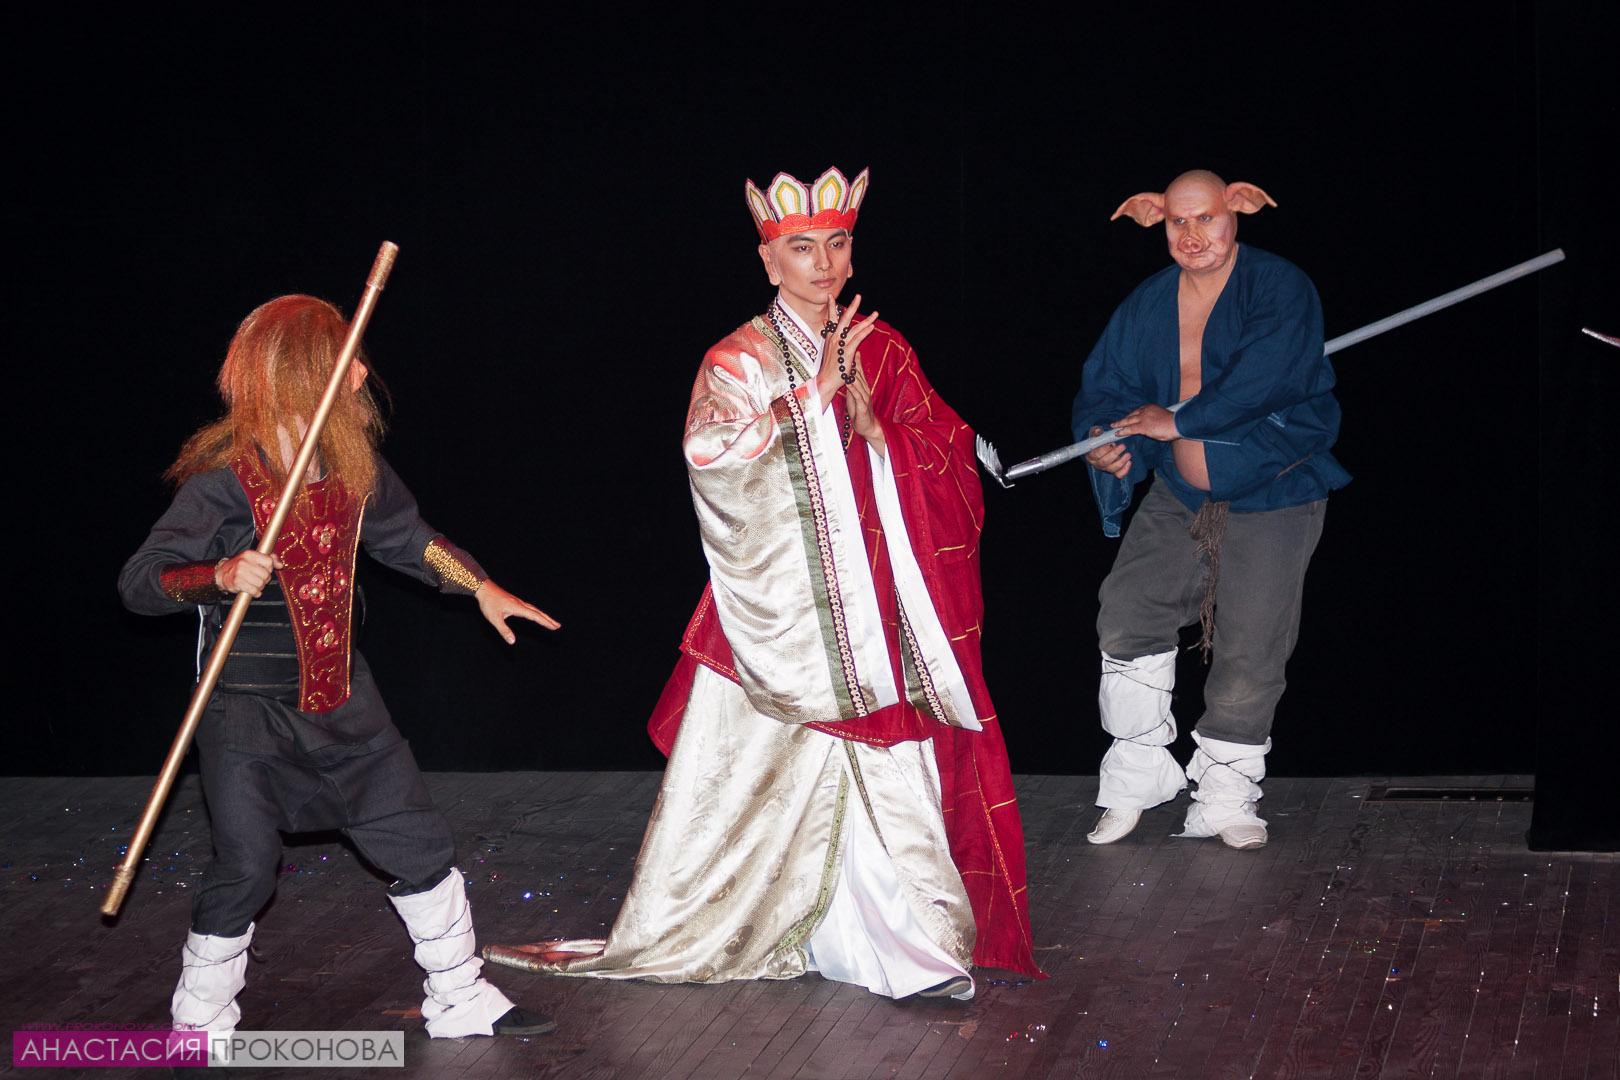 Получеловек-полусвинья Чжу Бацзе, царь обезьян Сунь Укун и монах Сюаньцзан